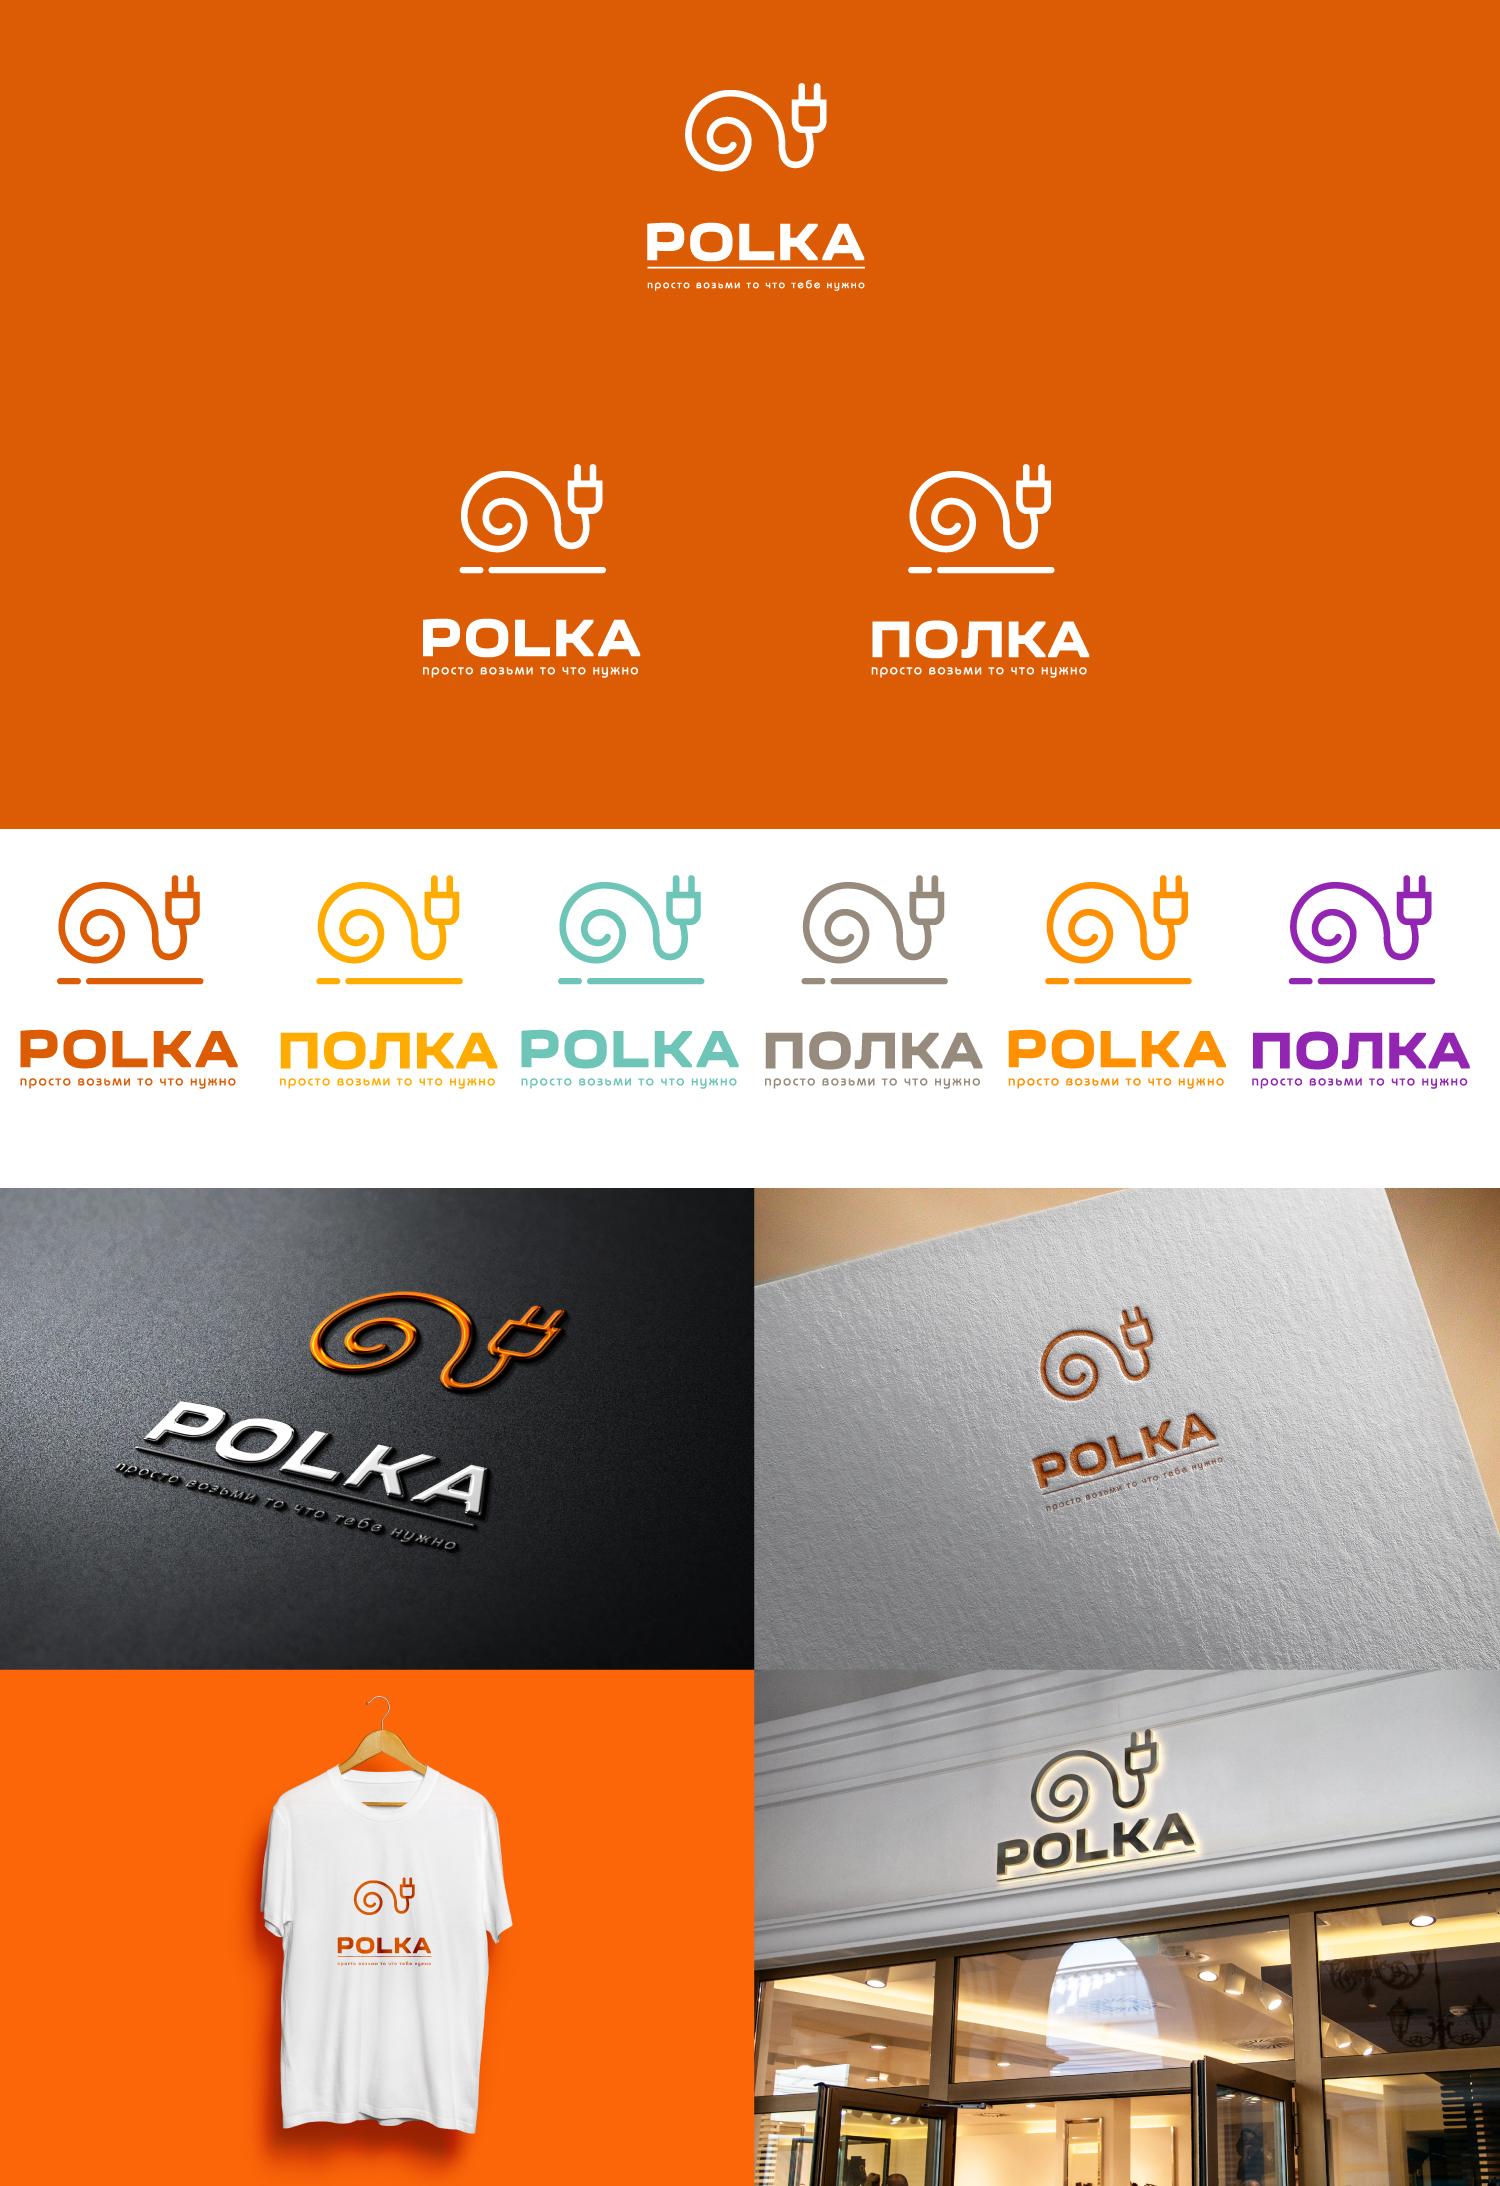 Дизайн сайтов дизайн интерьера продвижение дизайн логотипов flash анимация базы форумов для программы xrumer от хокинса